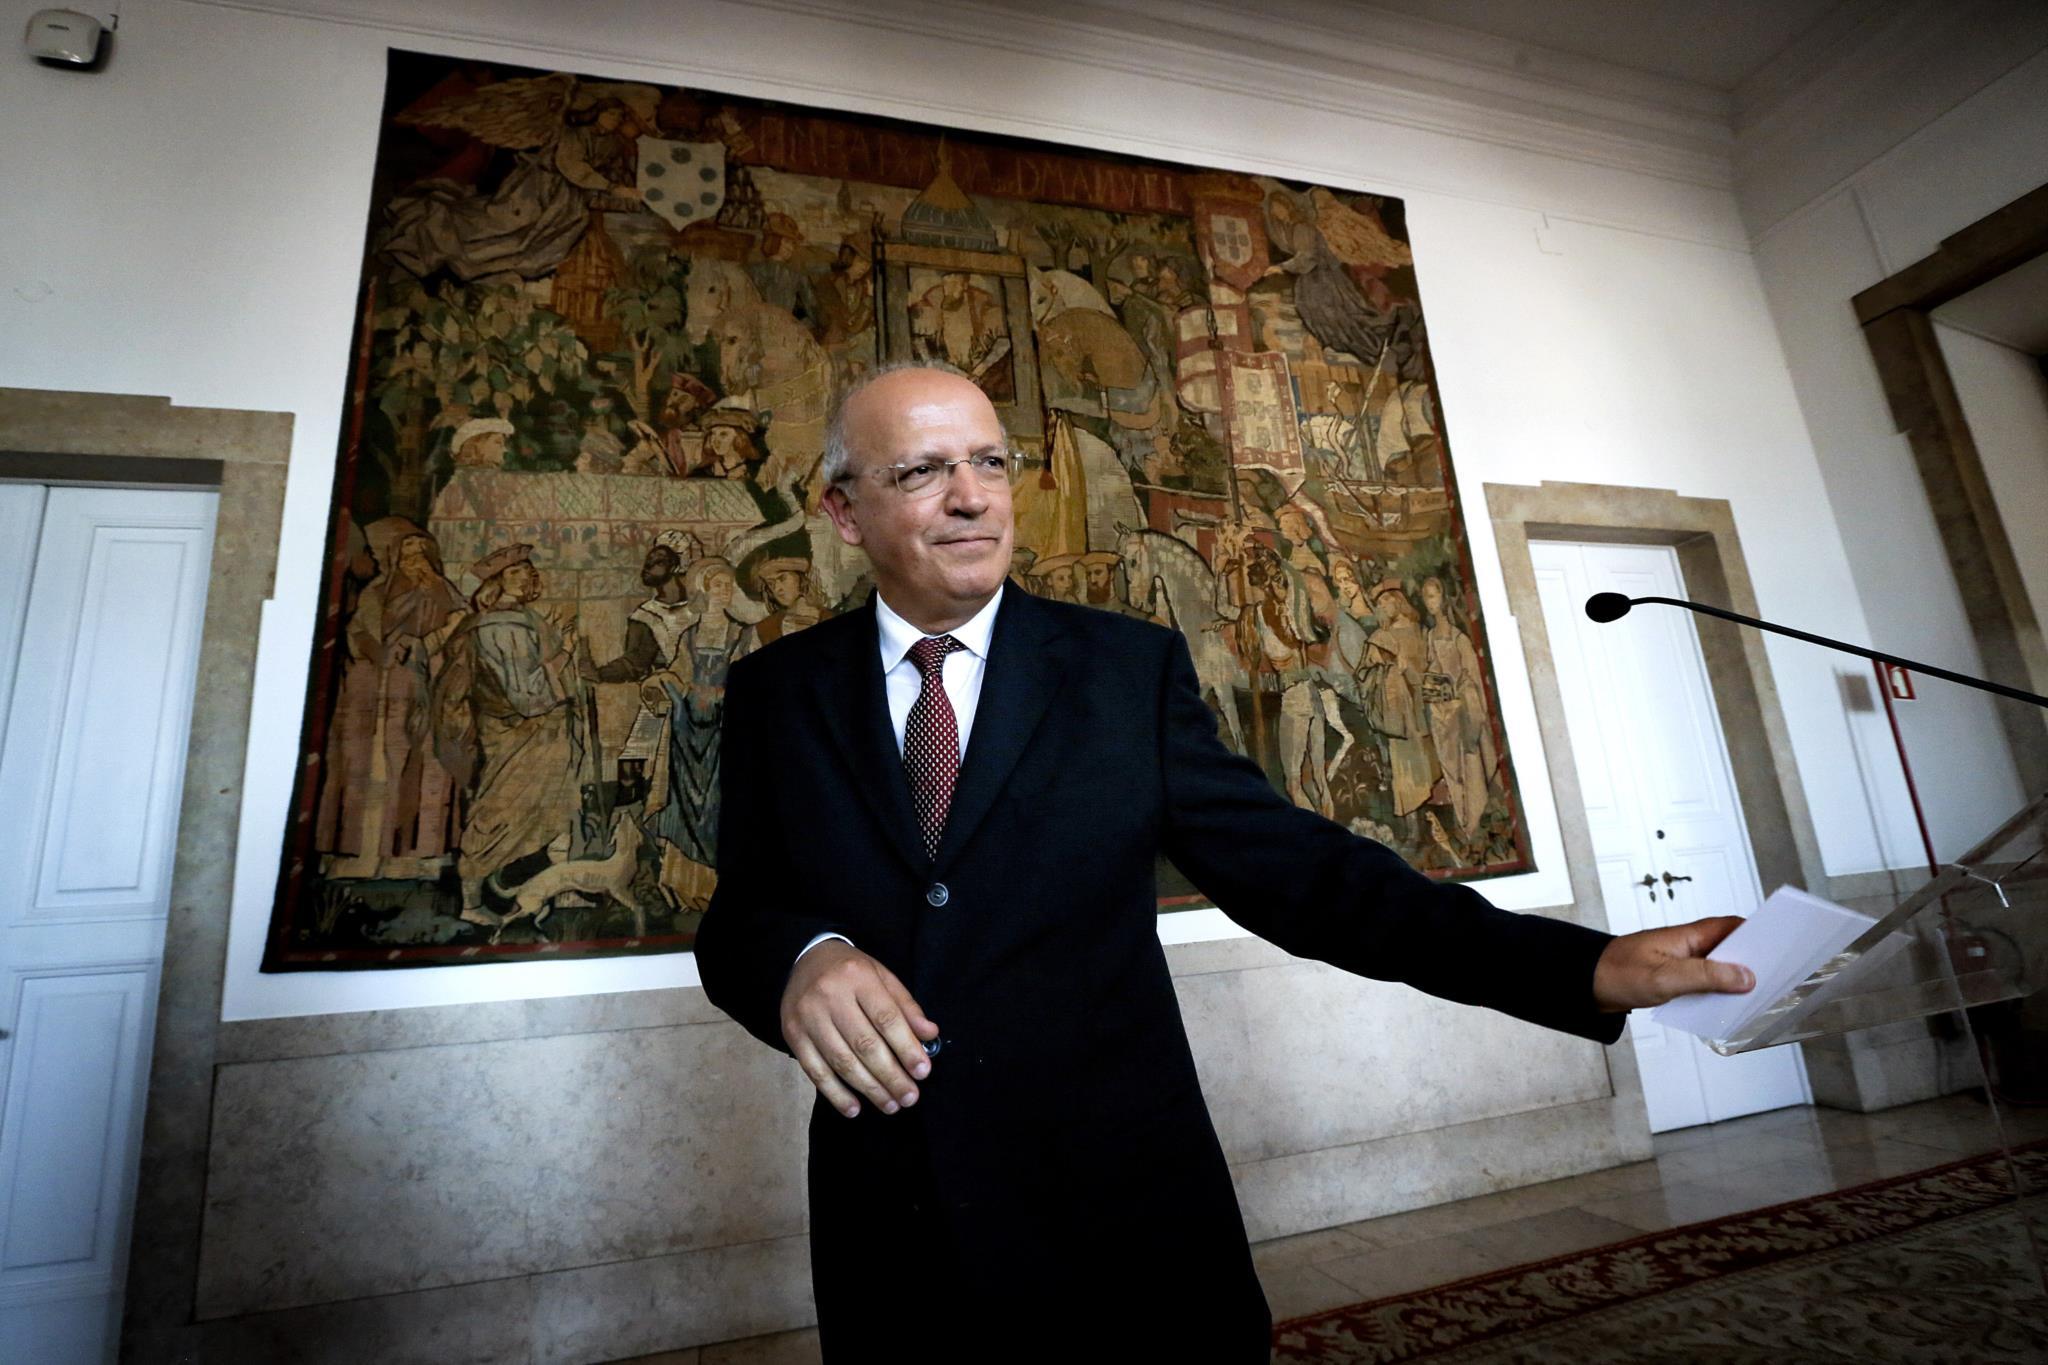 PÚBLICO - Diogo Queiroz de Andrade